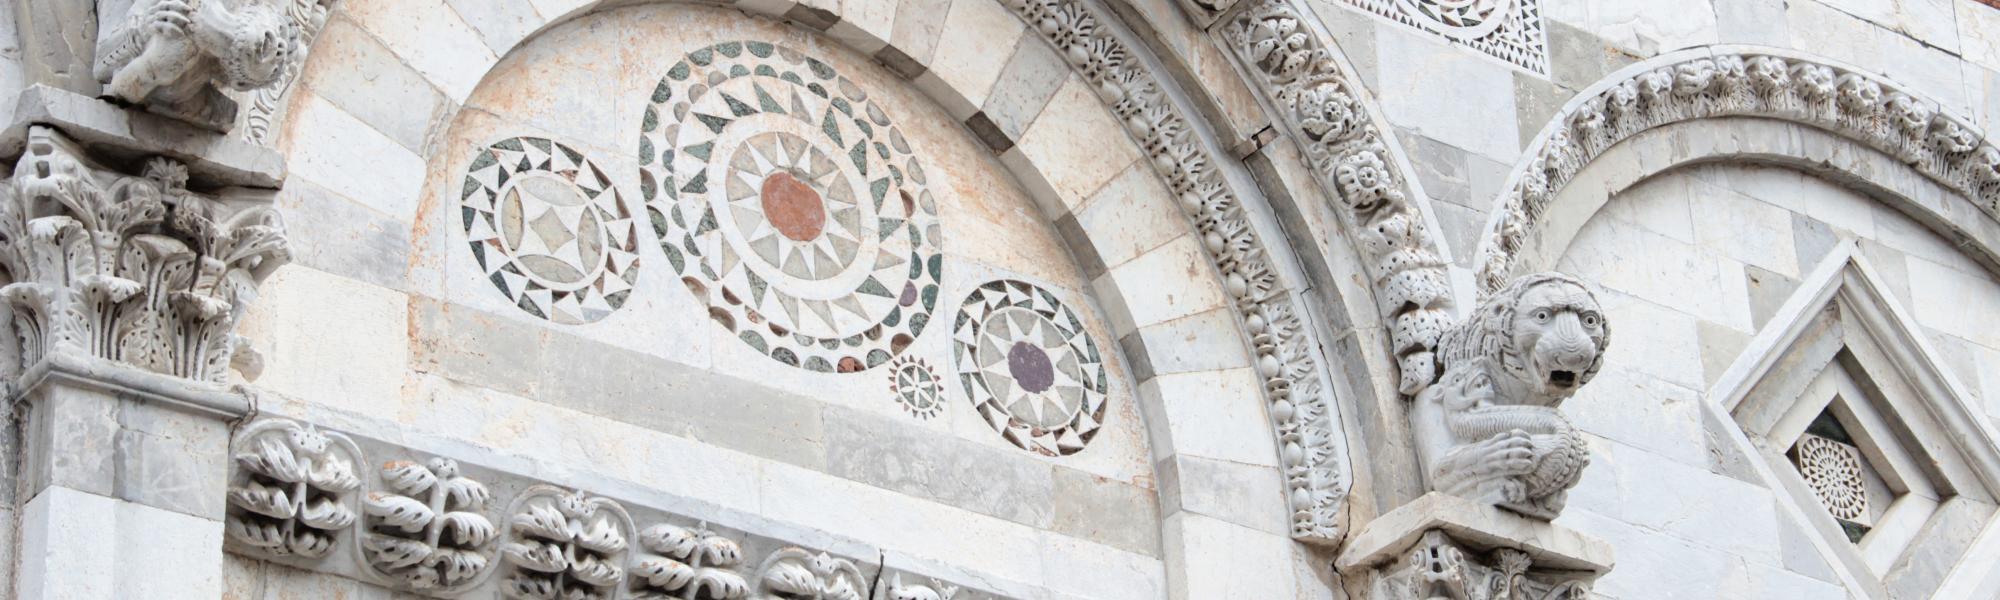 Particolare lunetta  intaglio marmoreo Portale Chiesa di San Paolo all'Orto (G. Bettini, Comune di Pisa)